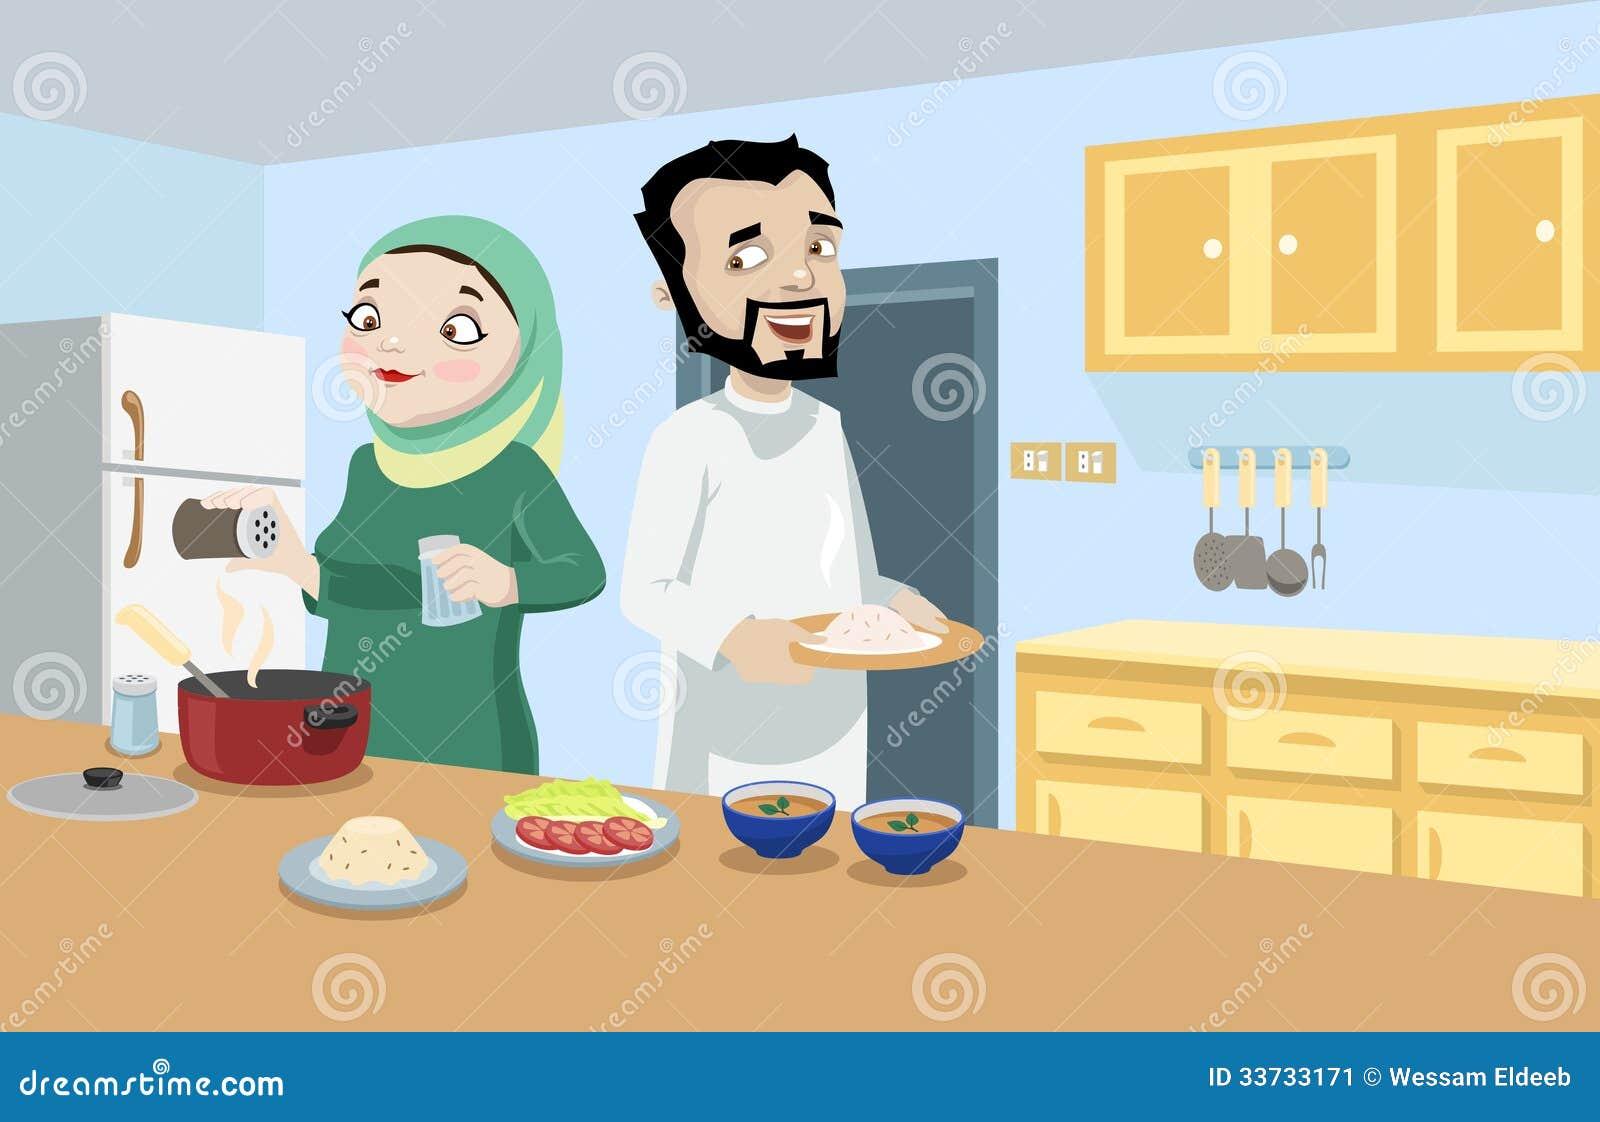 Cooking Dash 1 Free Download